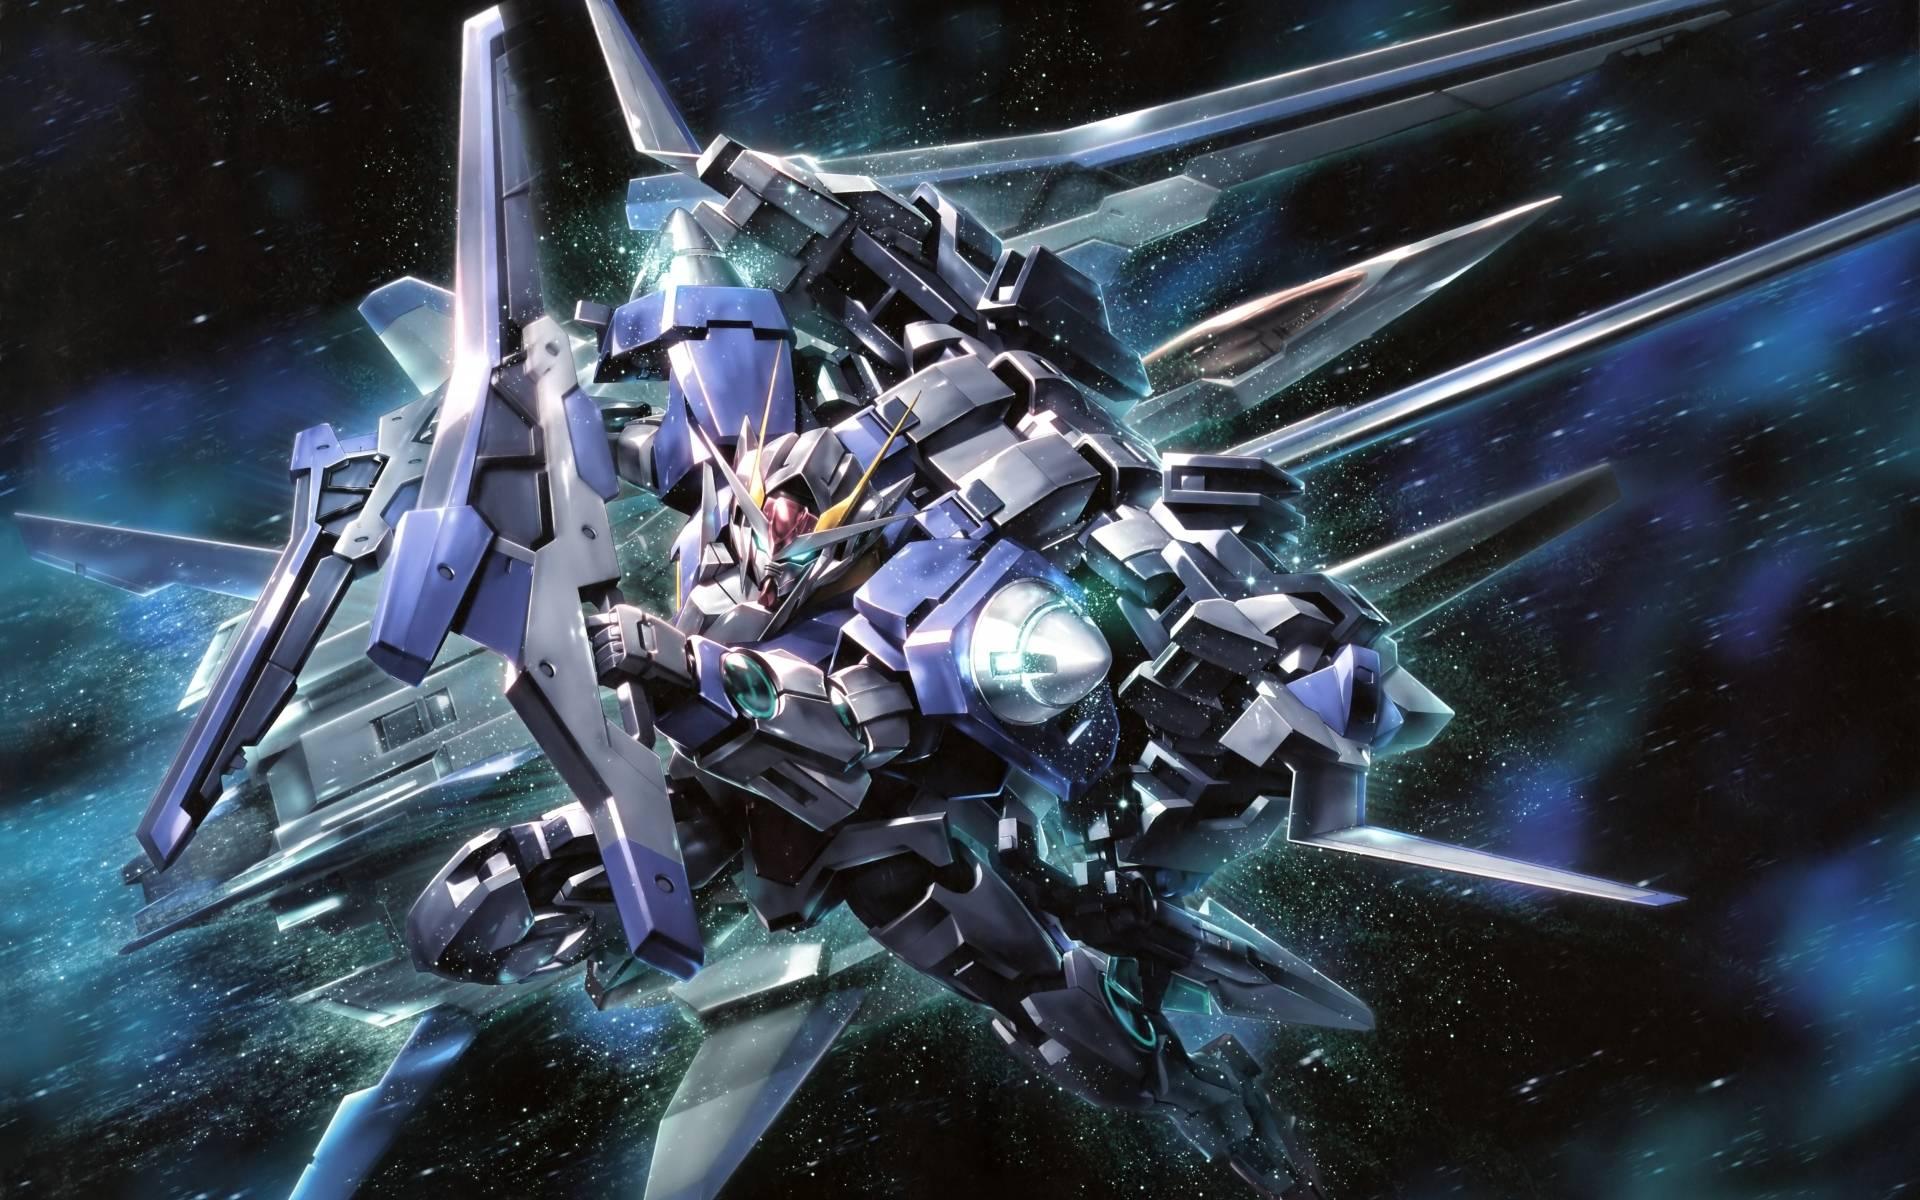 Mobile Suit Gundam 00 Wallpapers - Wallpaper Cave